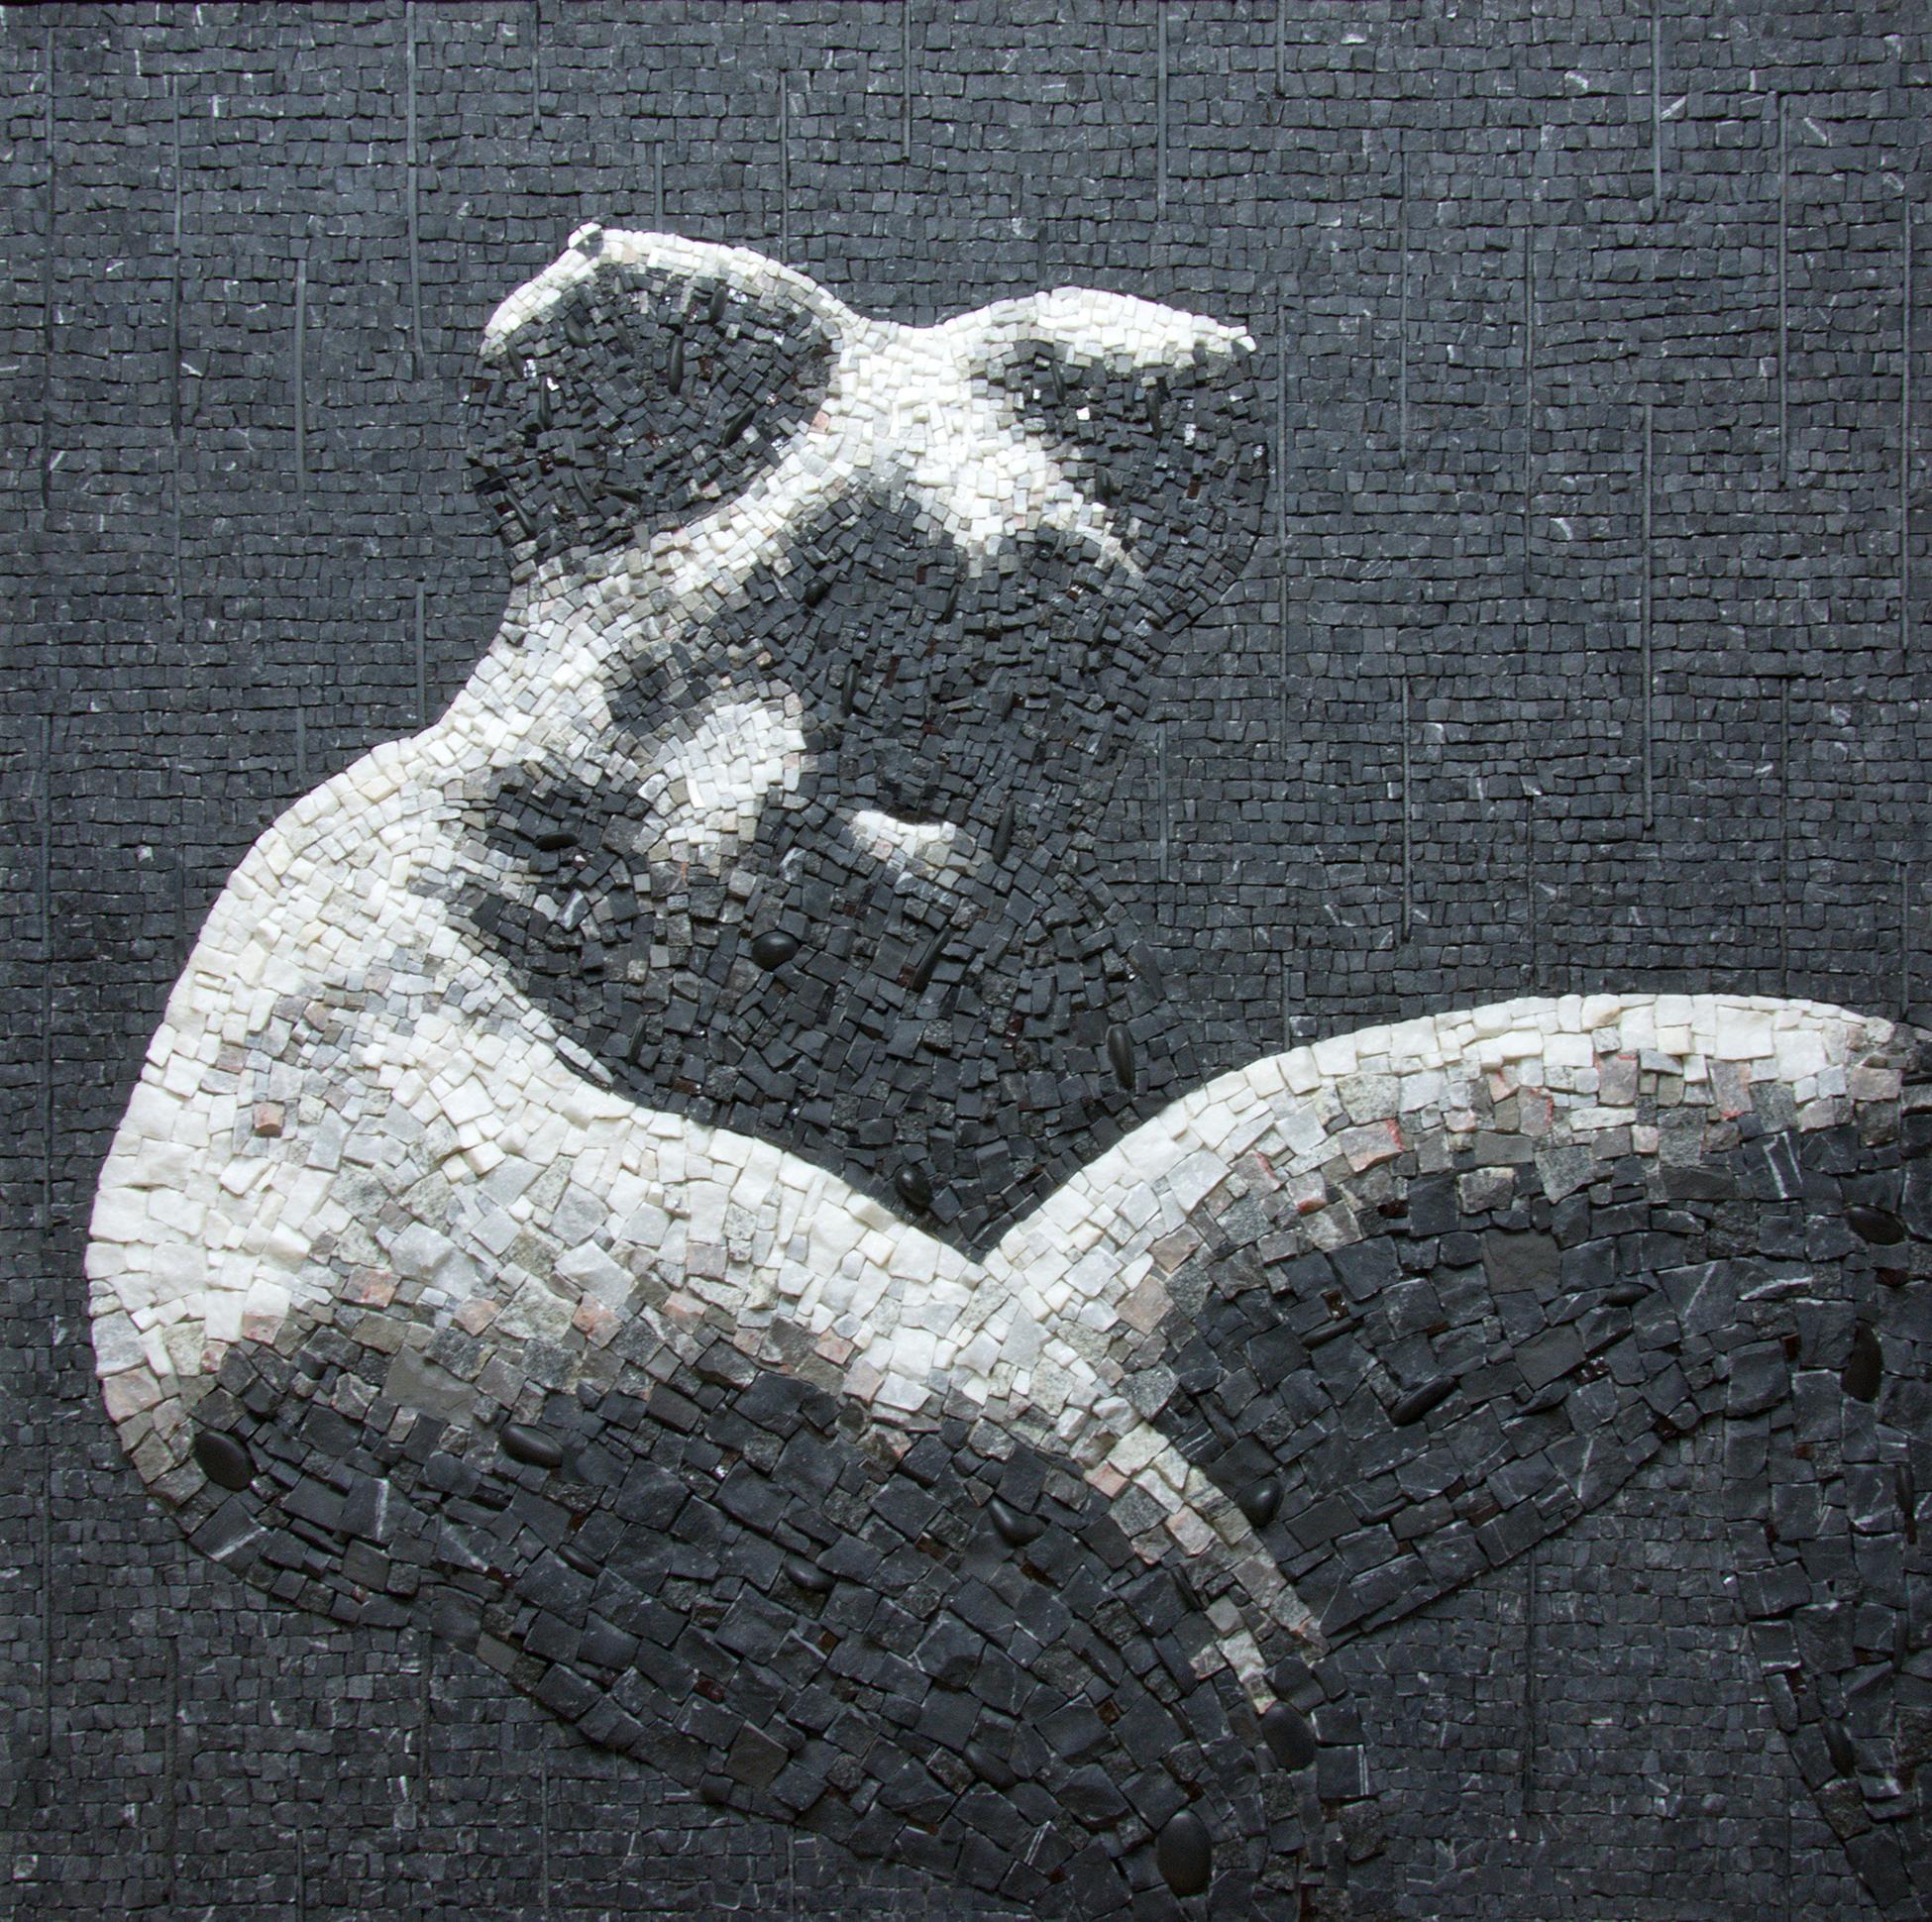 agnes-bethlen_oeuvre-Nu_mosaïque_noir_blanc_contemporaine_talents_dorigine